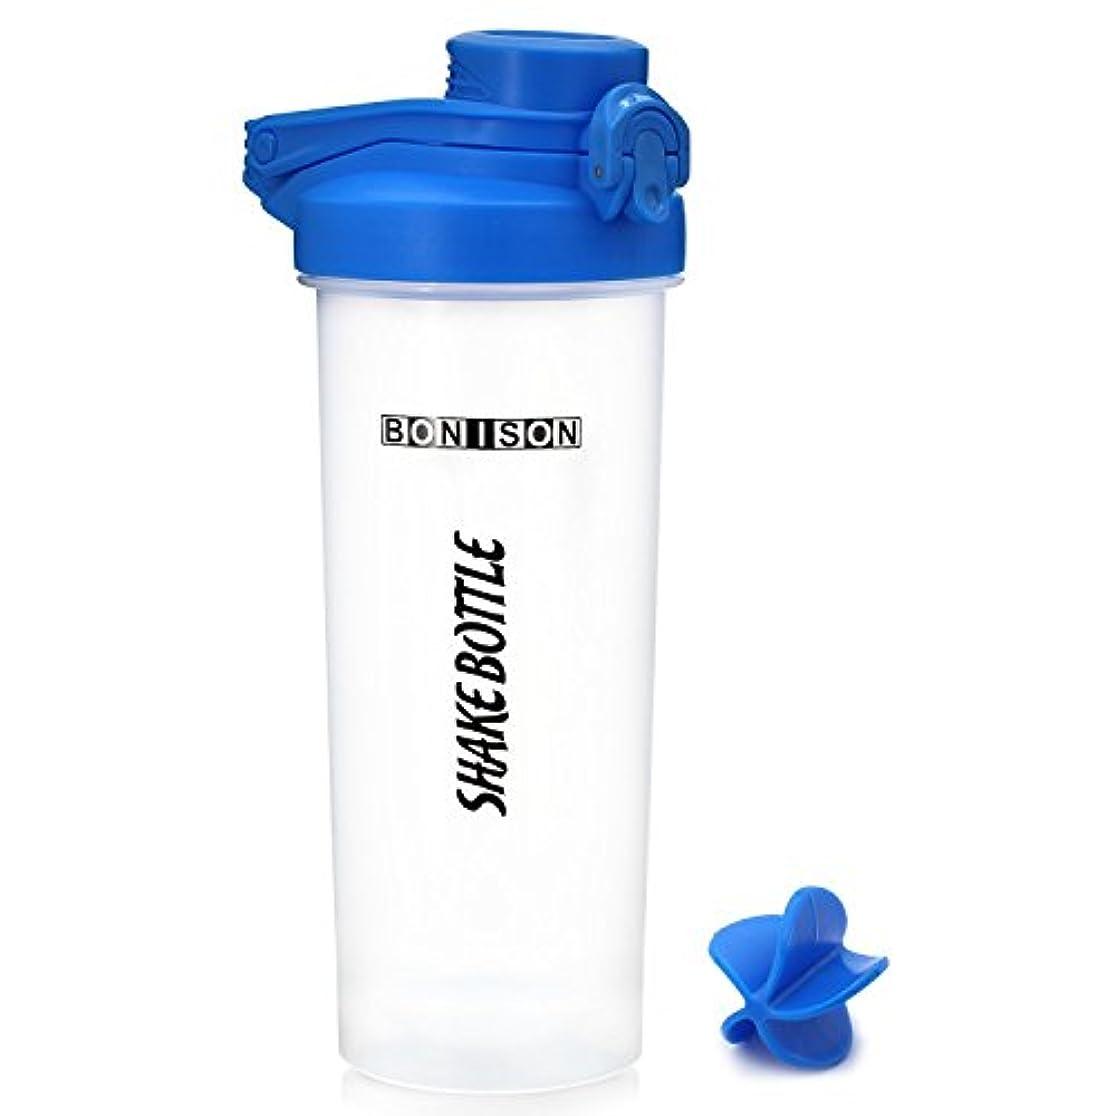 やろう吸う意味のある最新24オンスツイストキャップShakeボトルBPAフタル酸とプラスチックMixer ProteinスムージーShakesパウダーMix Shaker Bottle with Hanldle COMIN18JU084934